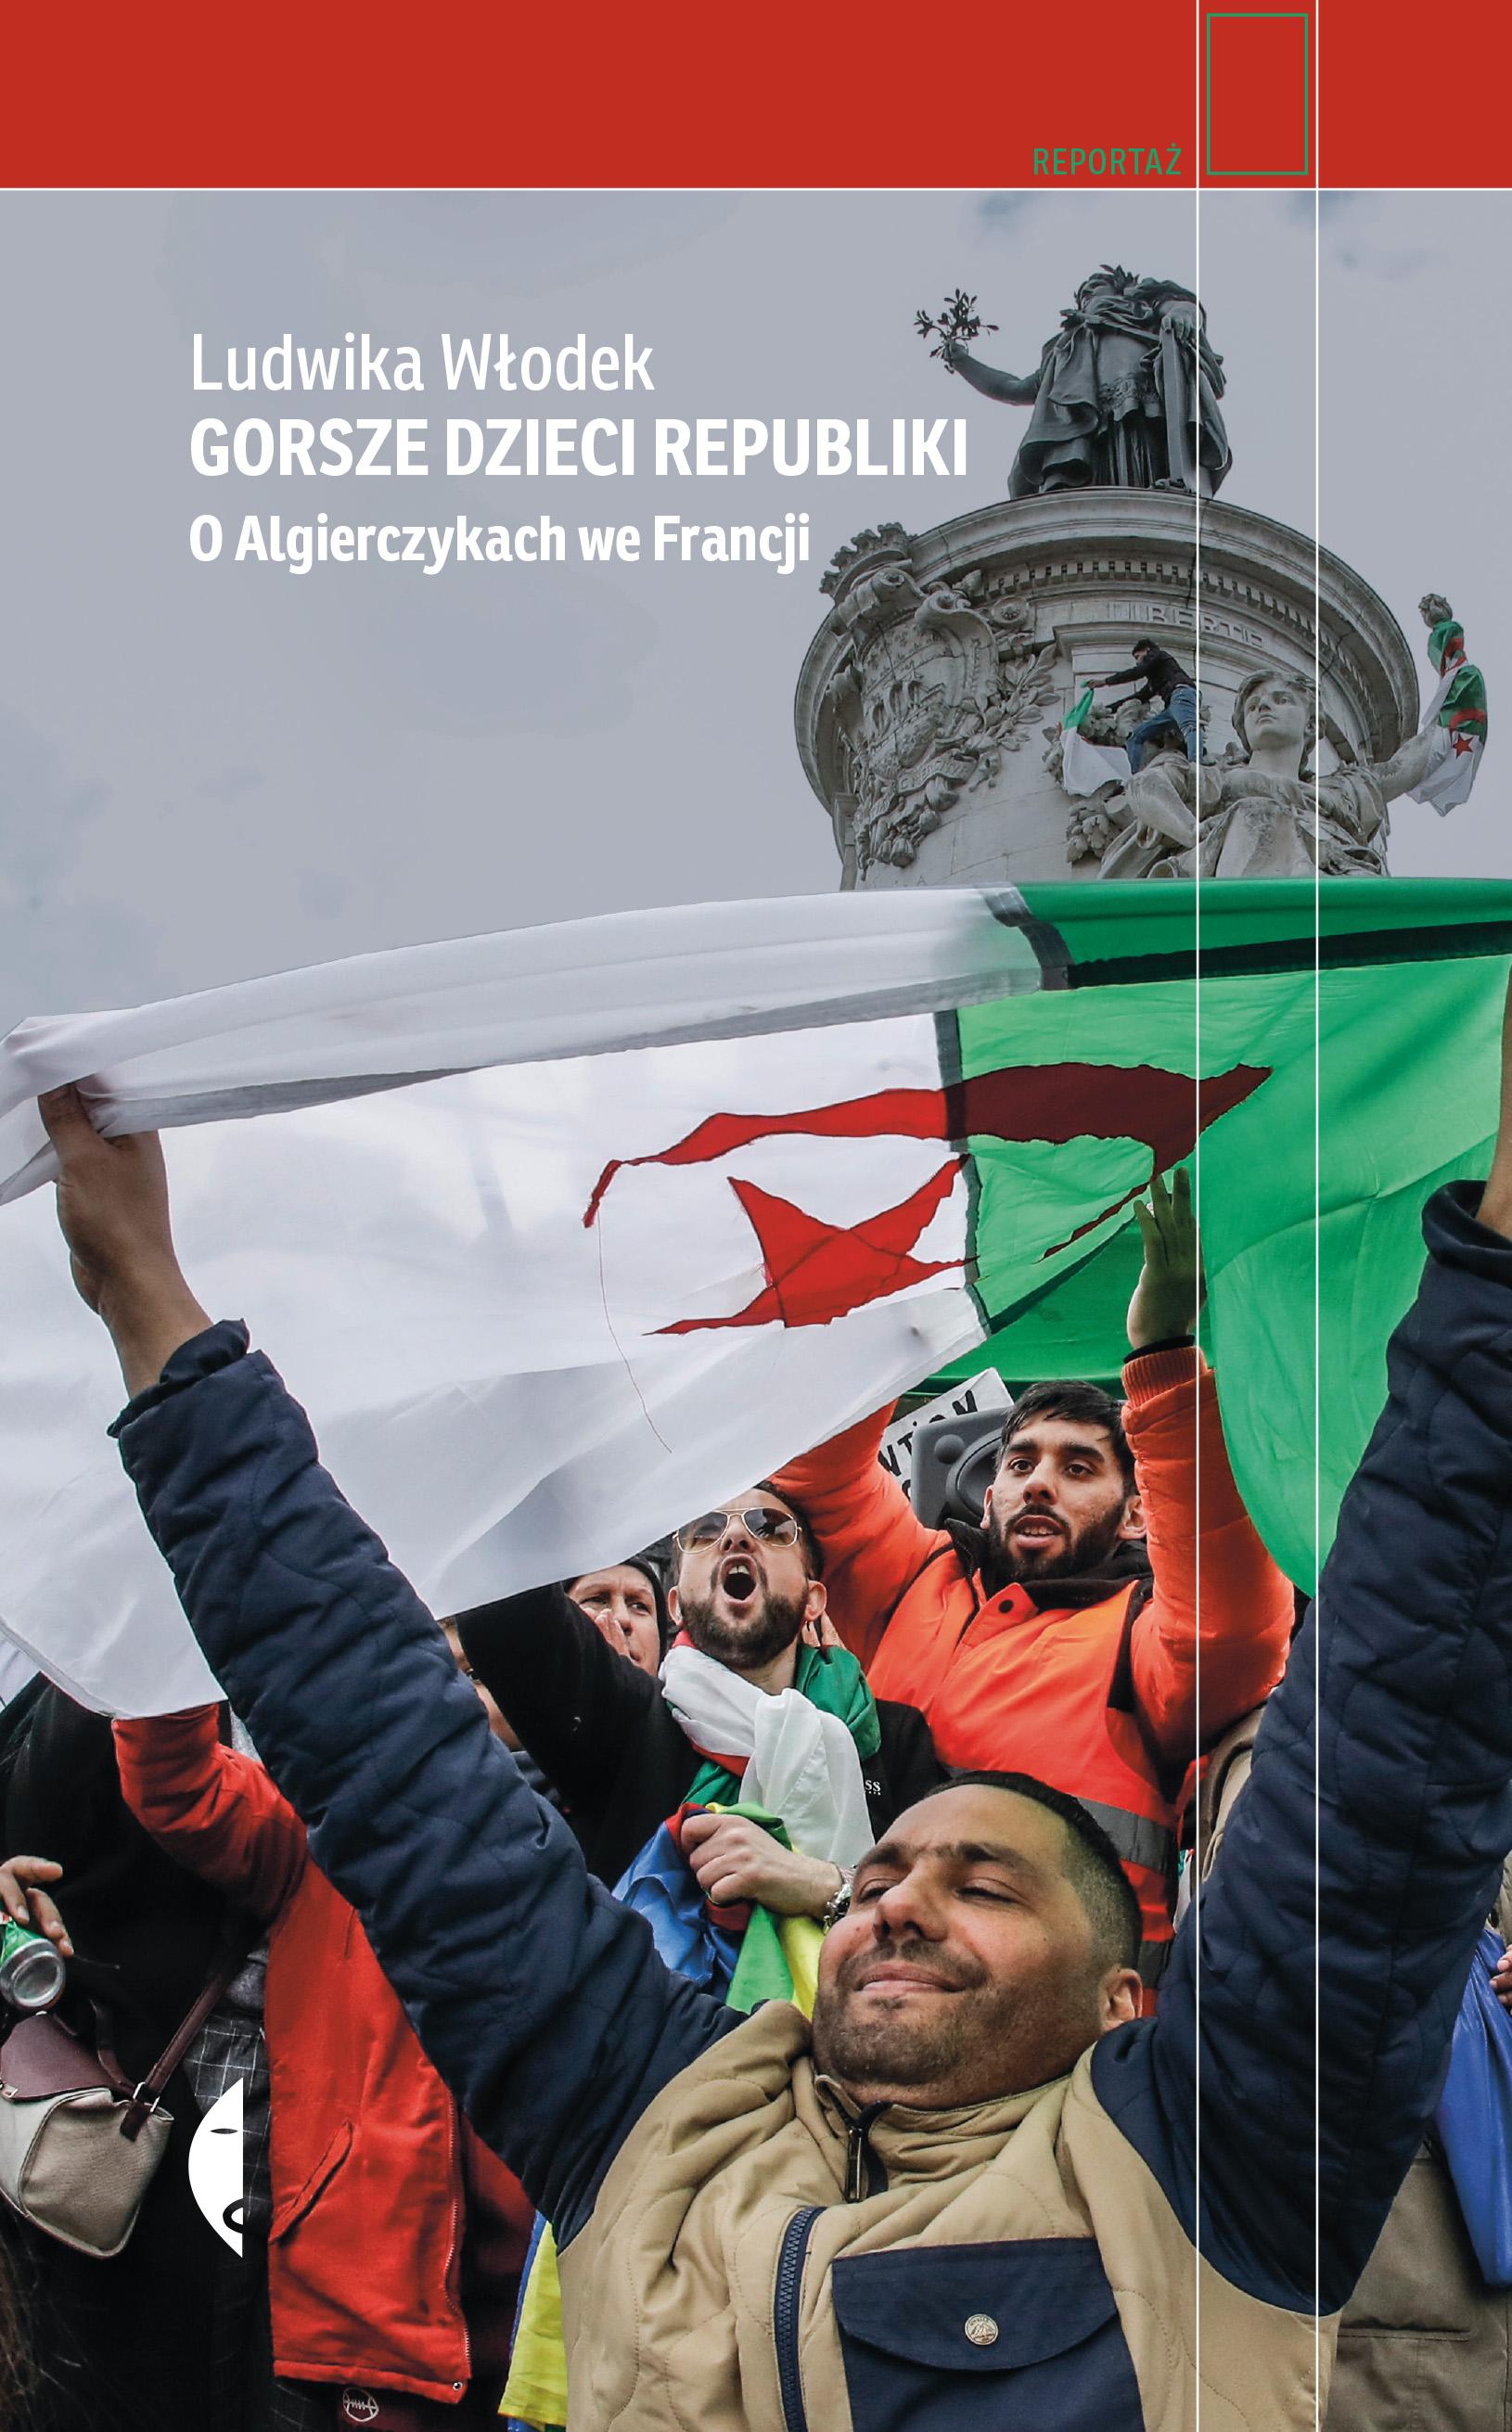 Gorsze dzieci Republiki. O Algierczykach we Francji